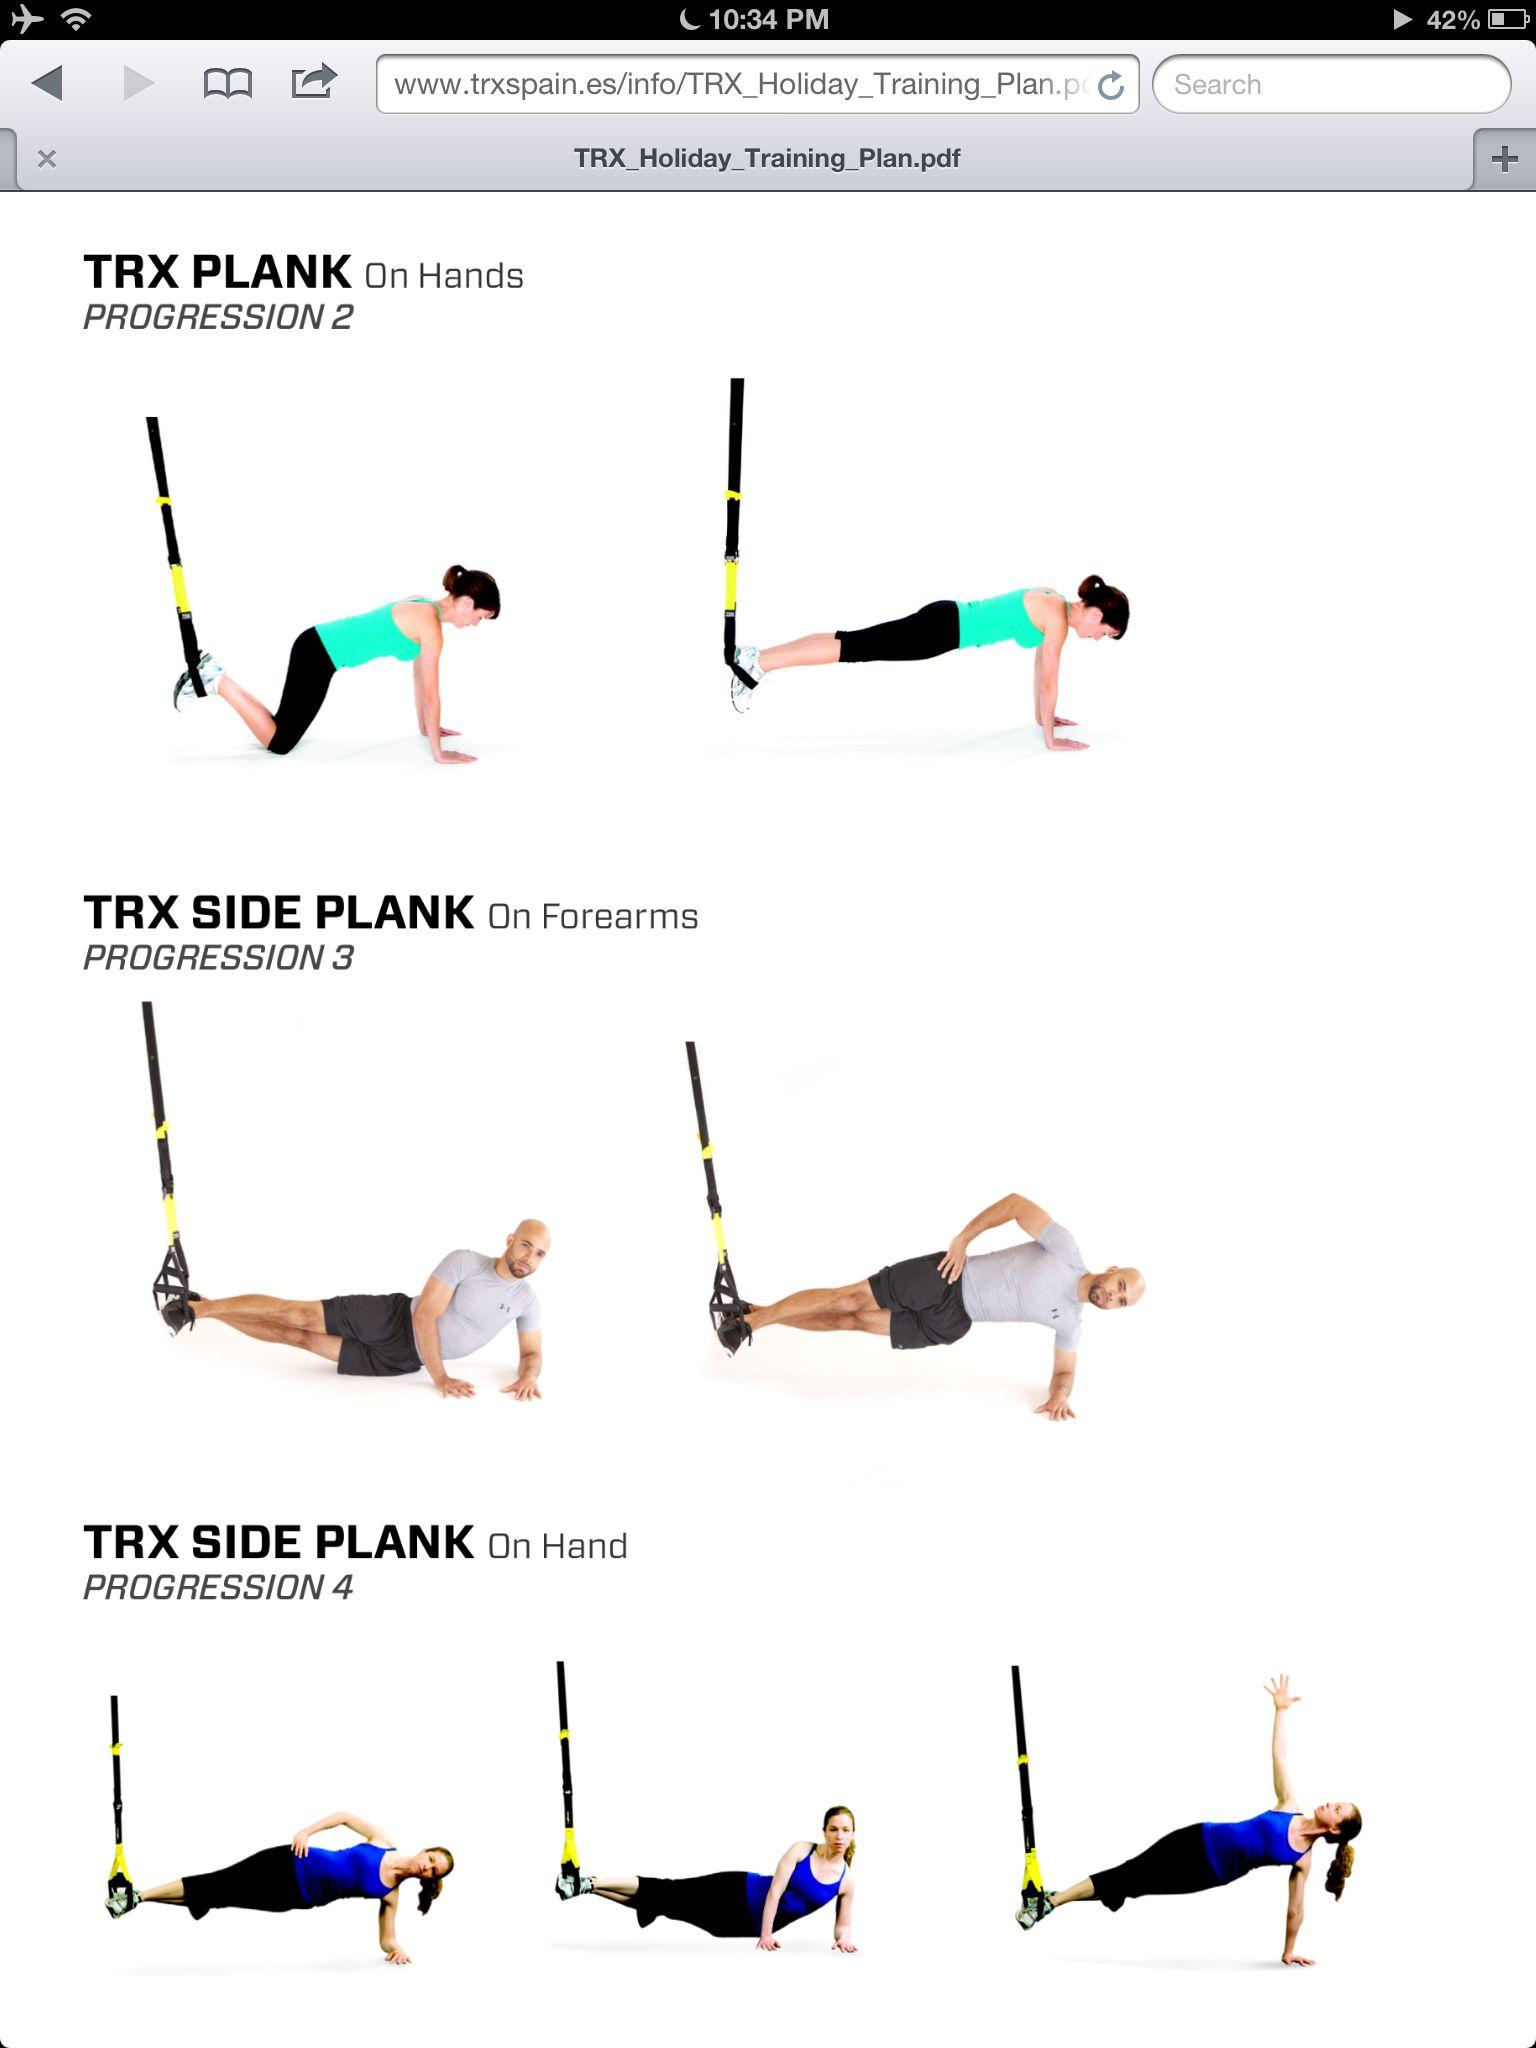 Trx workout - abs   Fitness   TRX   Pinterest   Workout ...